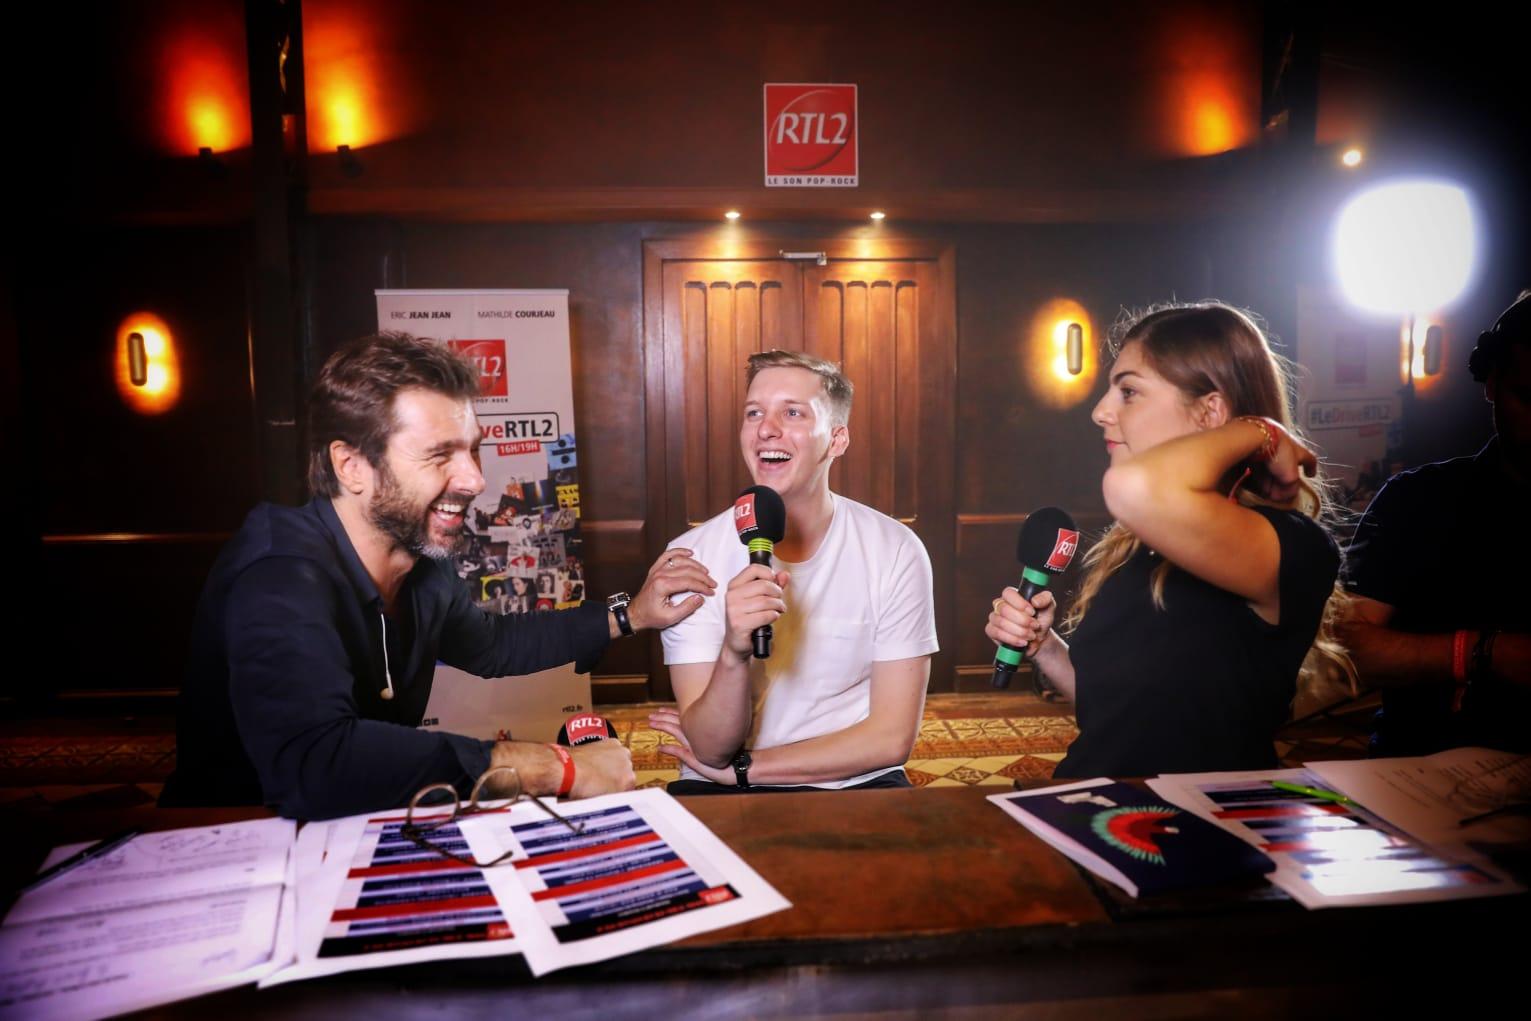 George Ezra au micro d'Eric Jean Jean et Mathilde Courjeau dans #LeDriveRTL2 en direct du Pop-Rock Live au Trianon